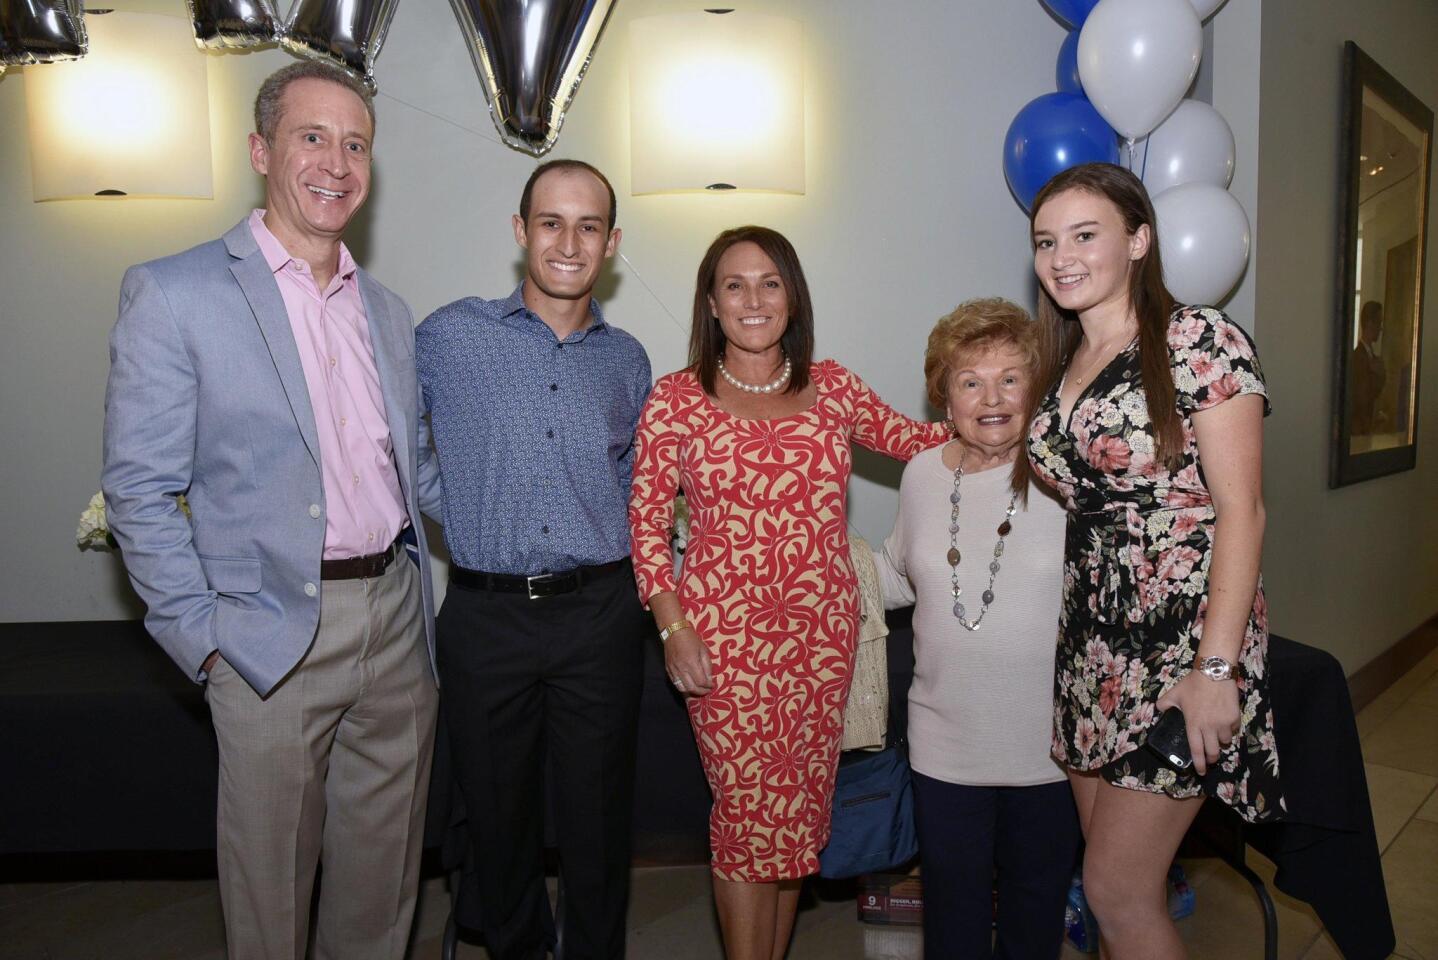 Randy Kay, senior graduate Noah, Liza Kay, Marcy Samoiloff, Avery